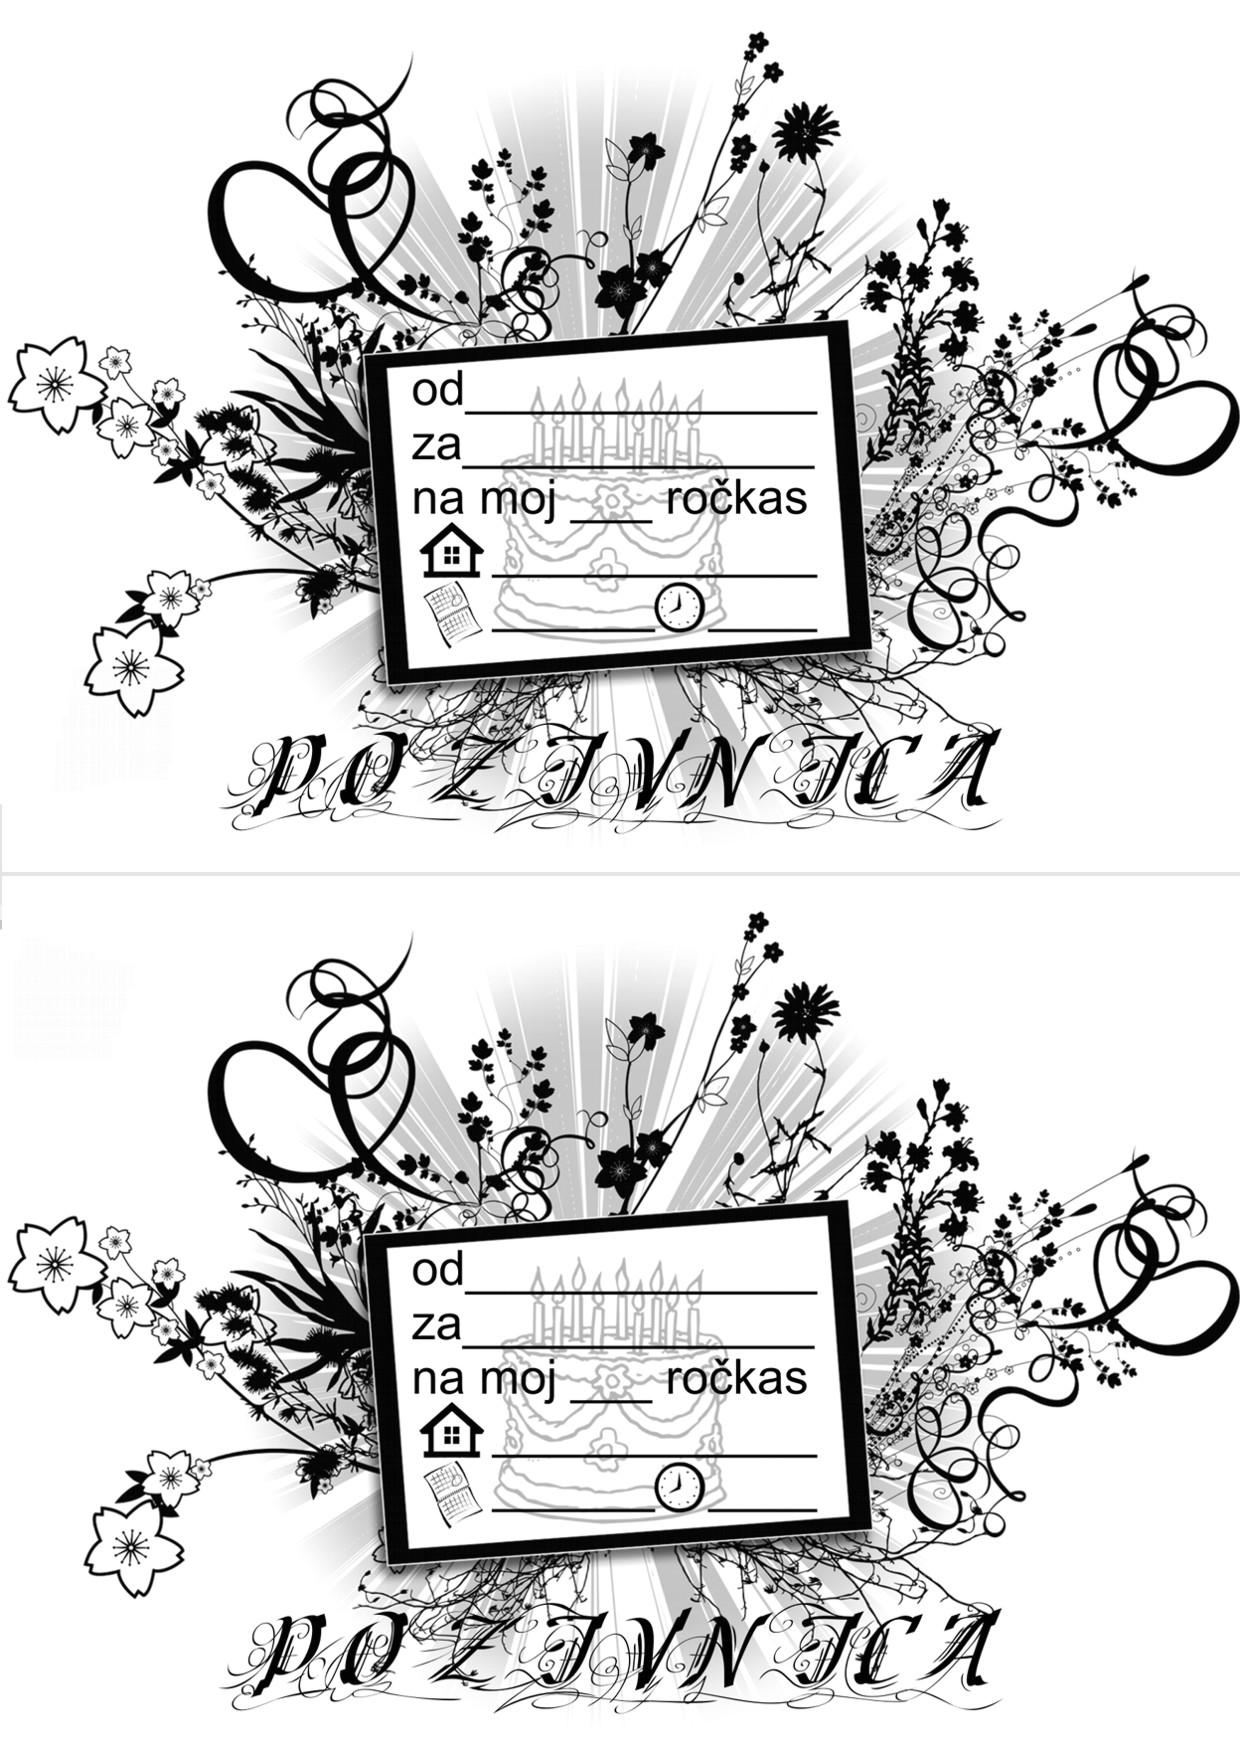 rođendan za tinejdžere Pozivnice za rođendan print crno bijele   Iznenađenje za rođendan  rođendan za tinejdžere